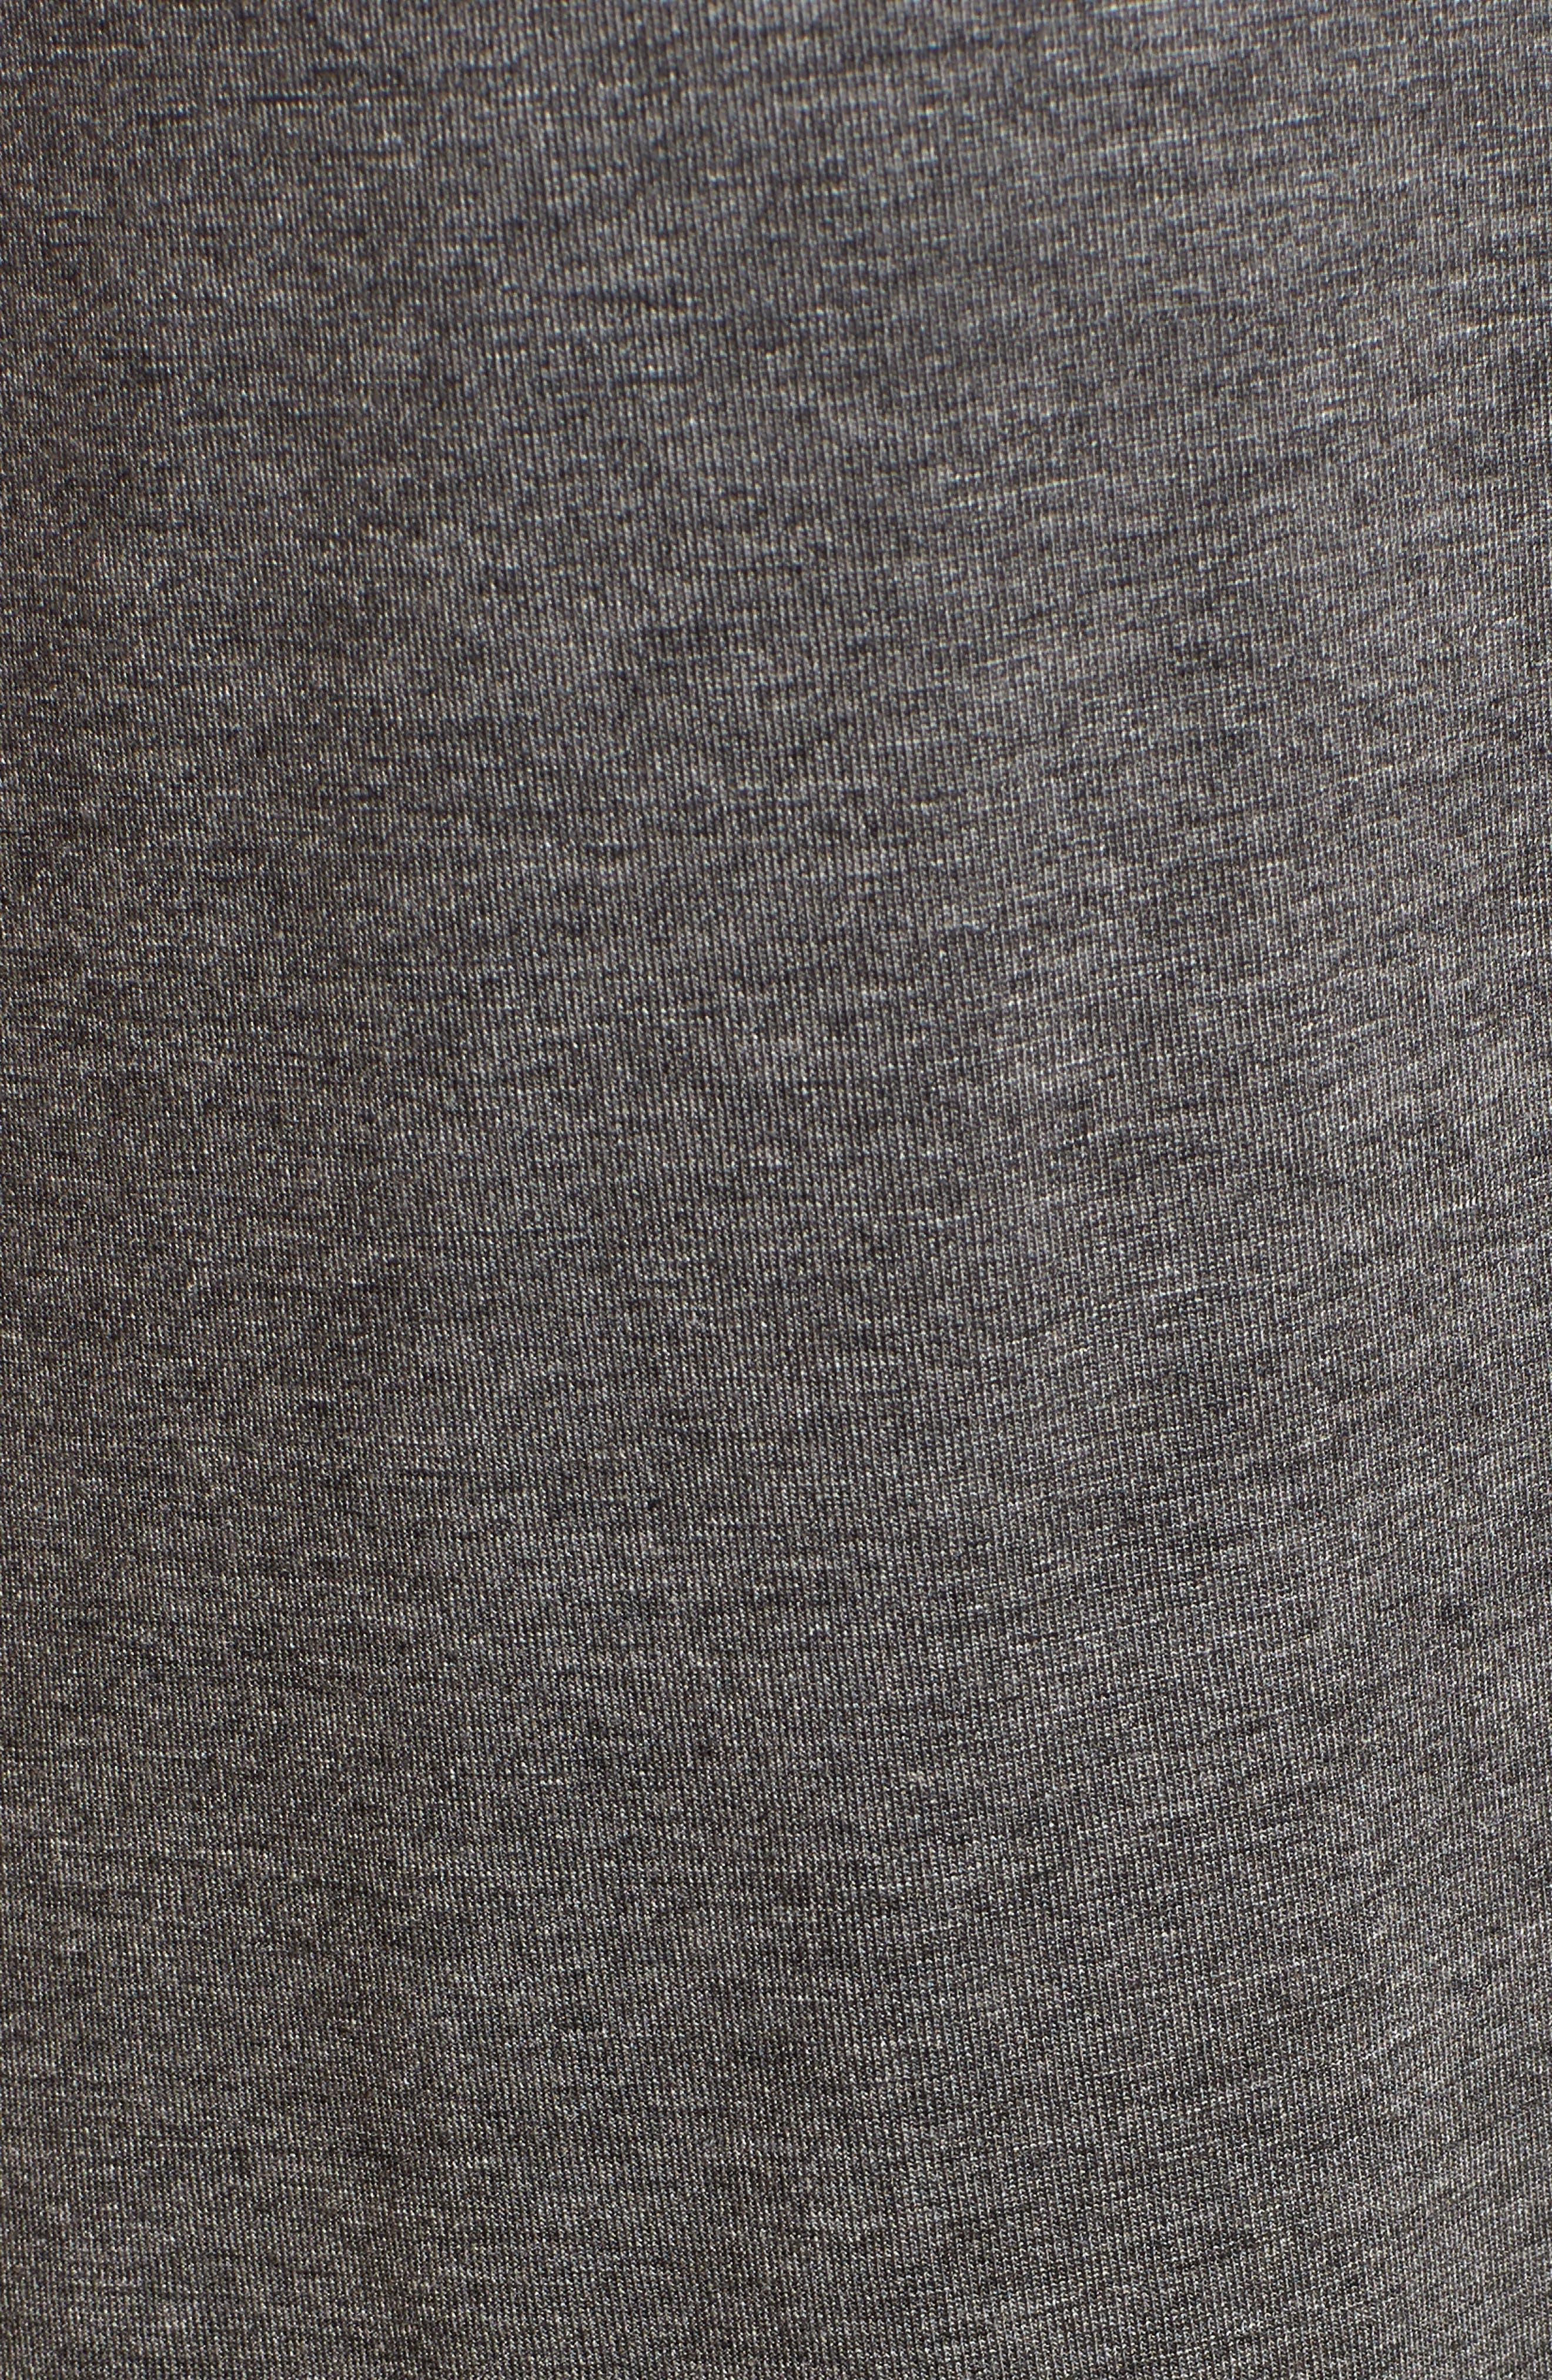 T-Shirt Dress,                             Alternate thumbnail 6, color,                             020